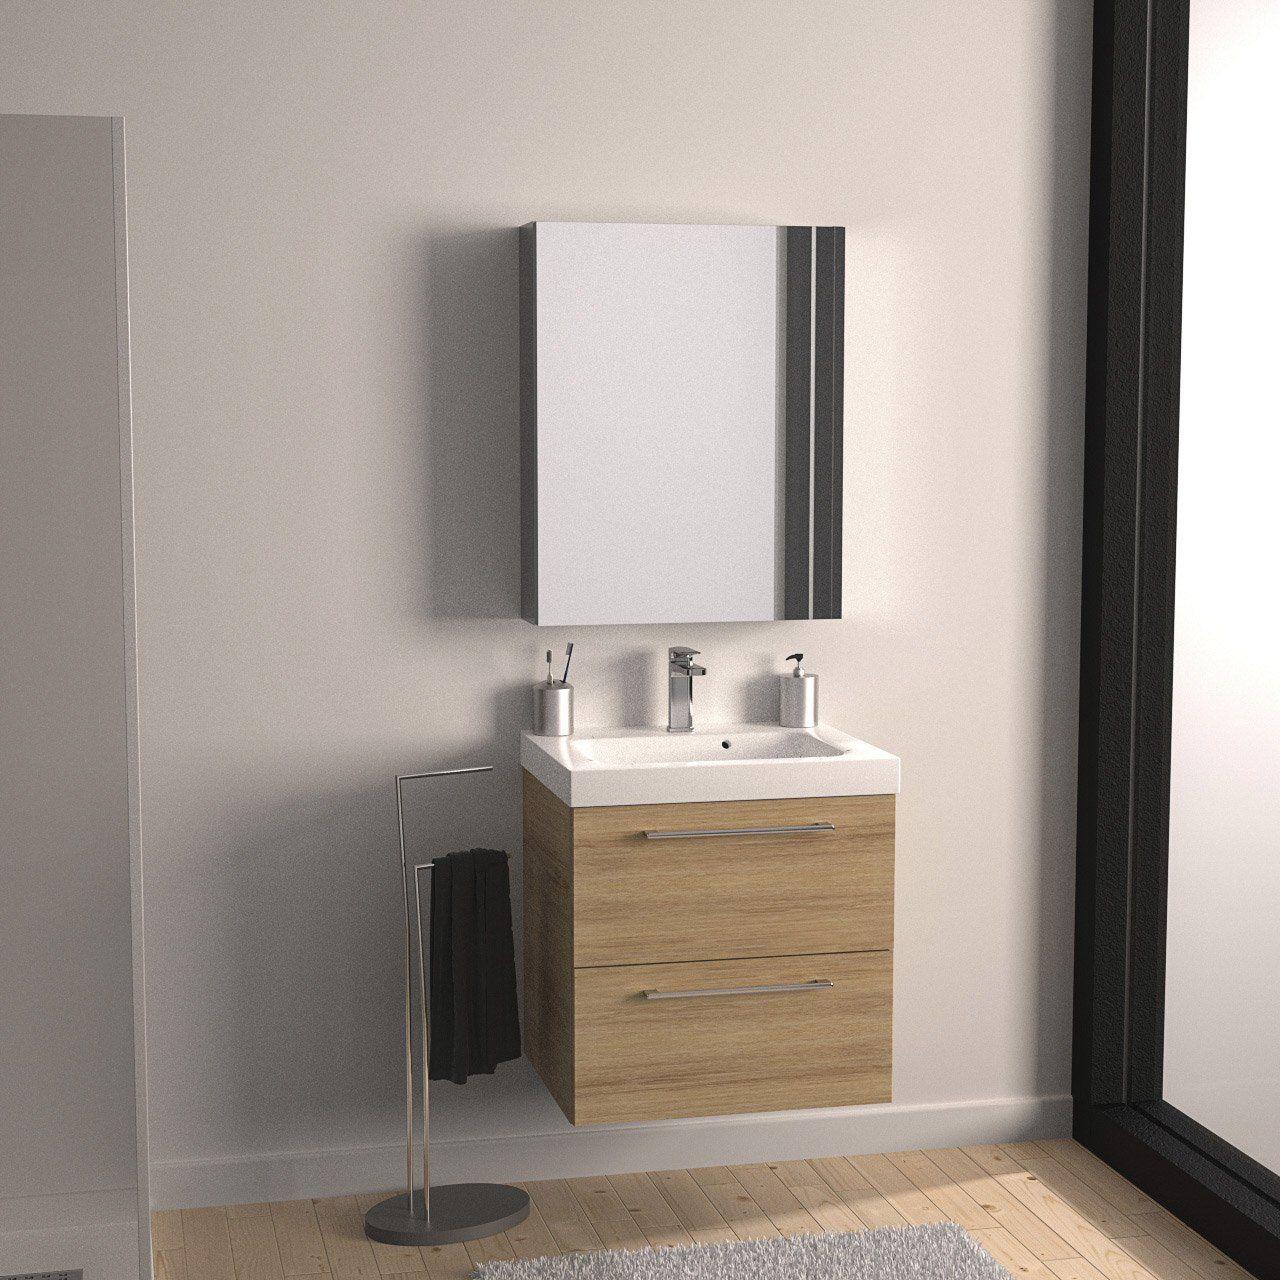 Meuble de salle de bains Remix imitation chªne 61x48 5 cm 2